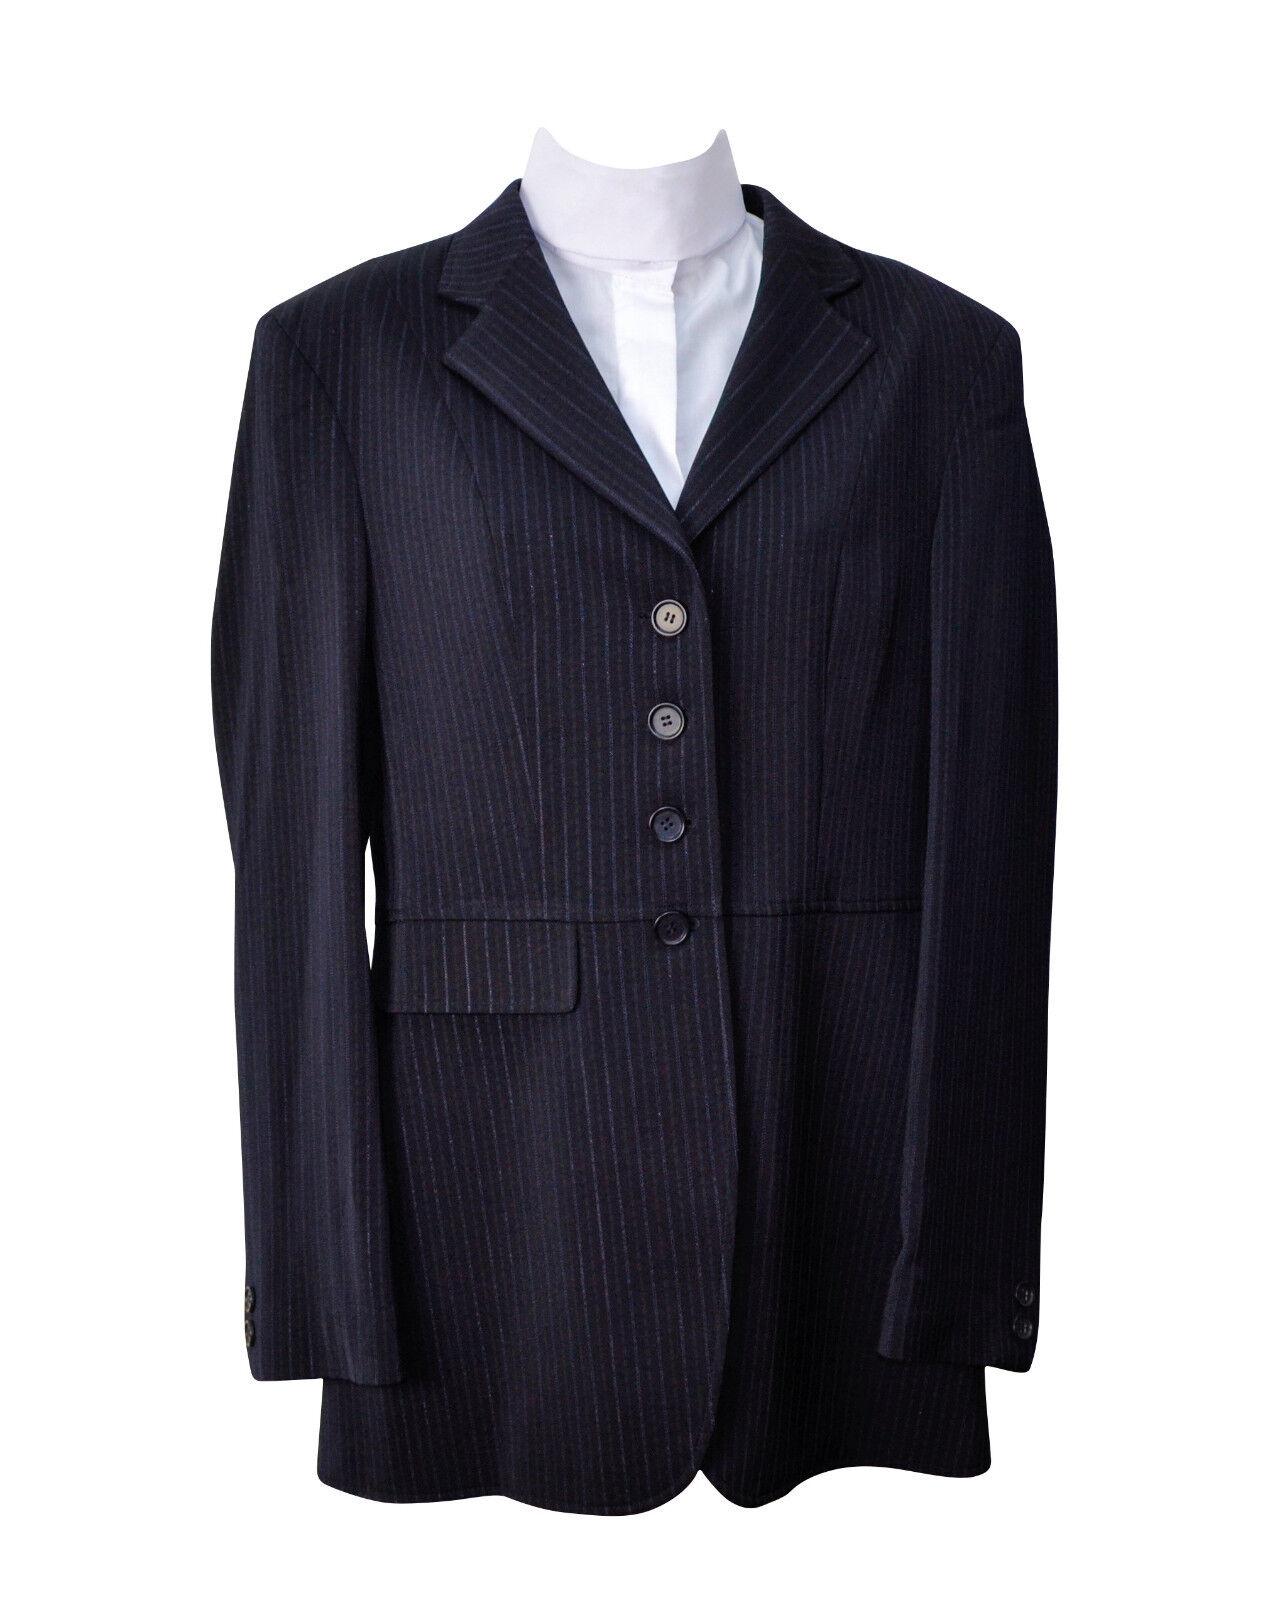 Wellington Femme noir Dressage Équitation Show manteau robe Taille 2